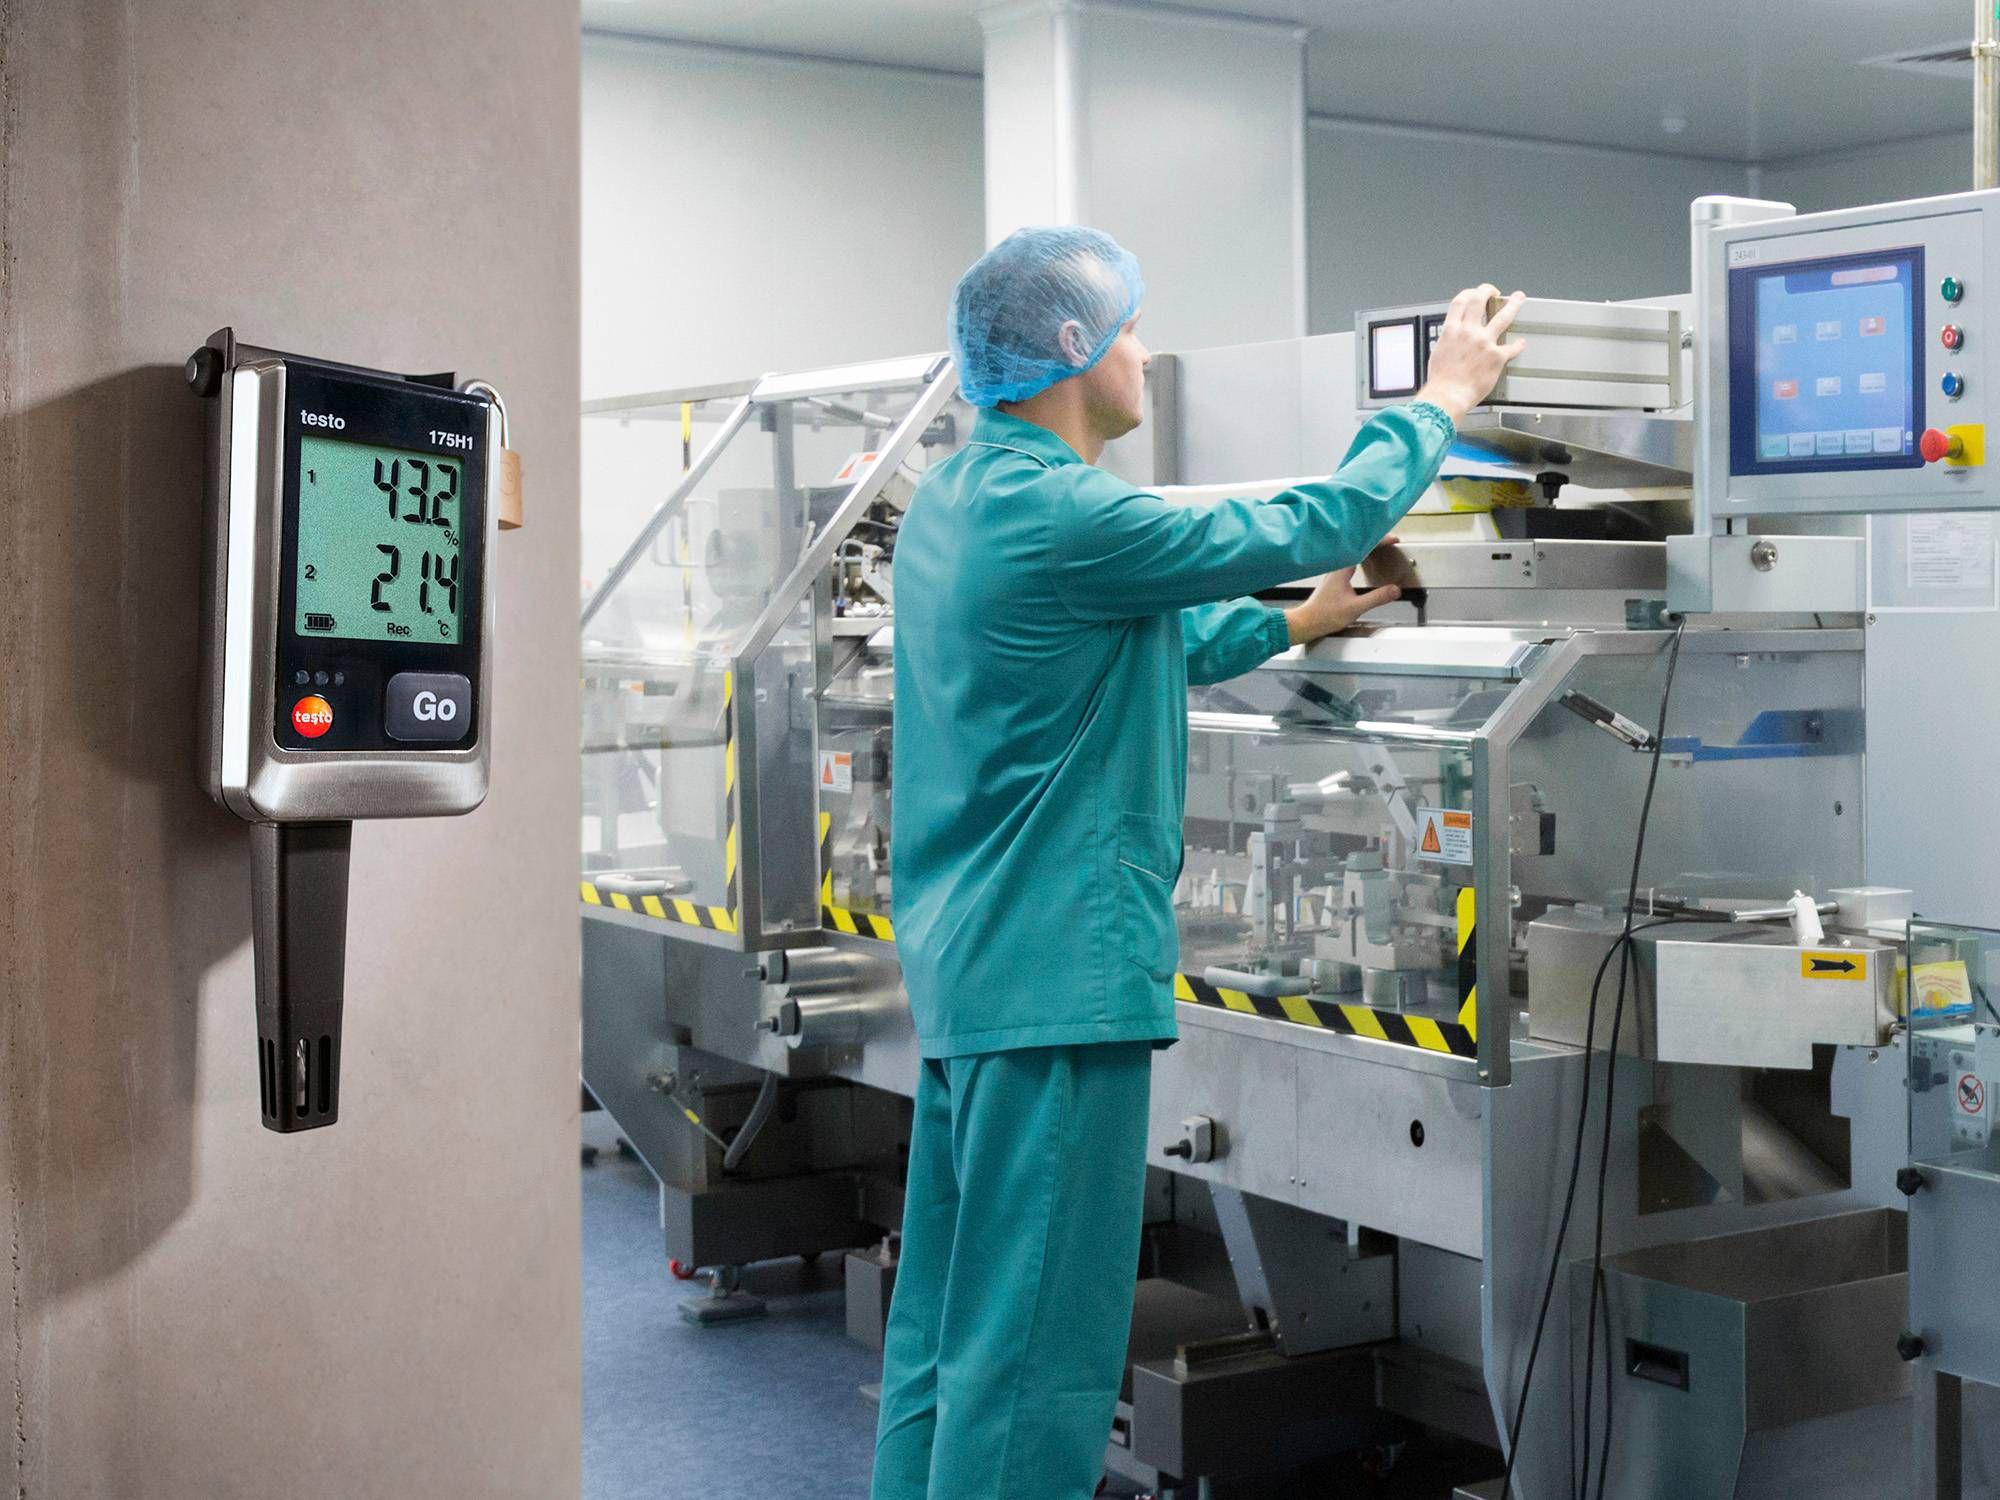 El registrador de datos testo 175 H1 supervisa la humedad en un almacén de ingredientes de la industria farmacéutica.